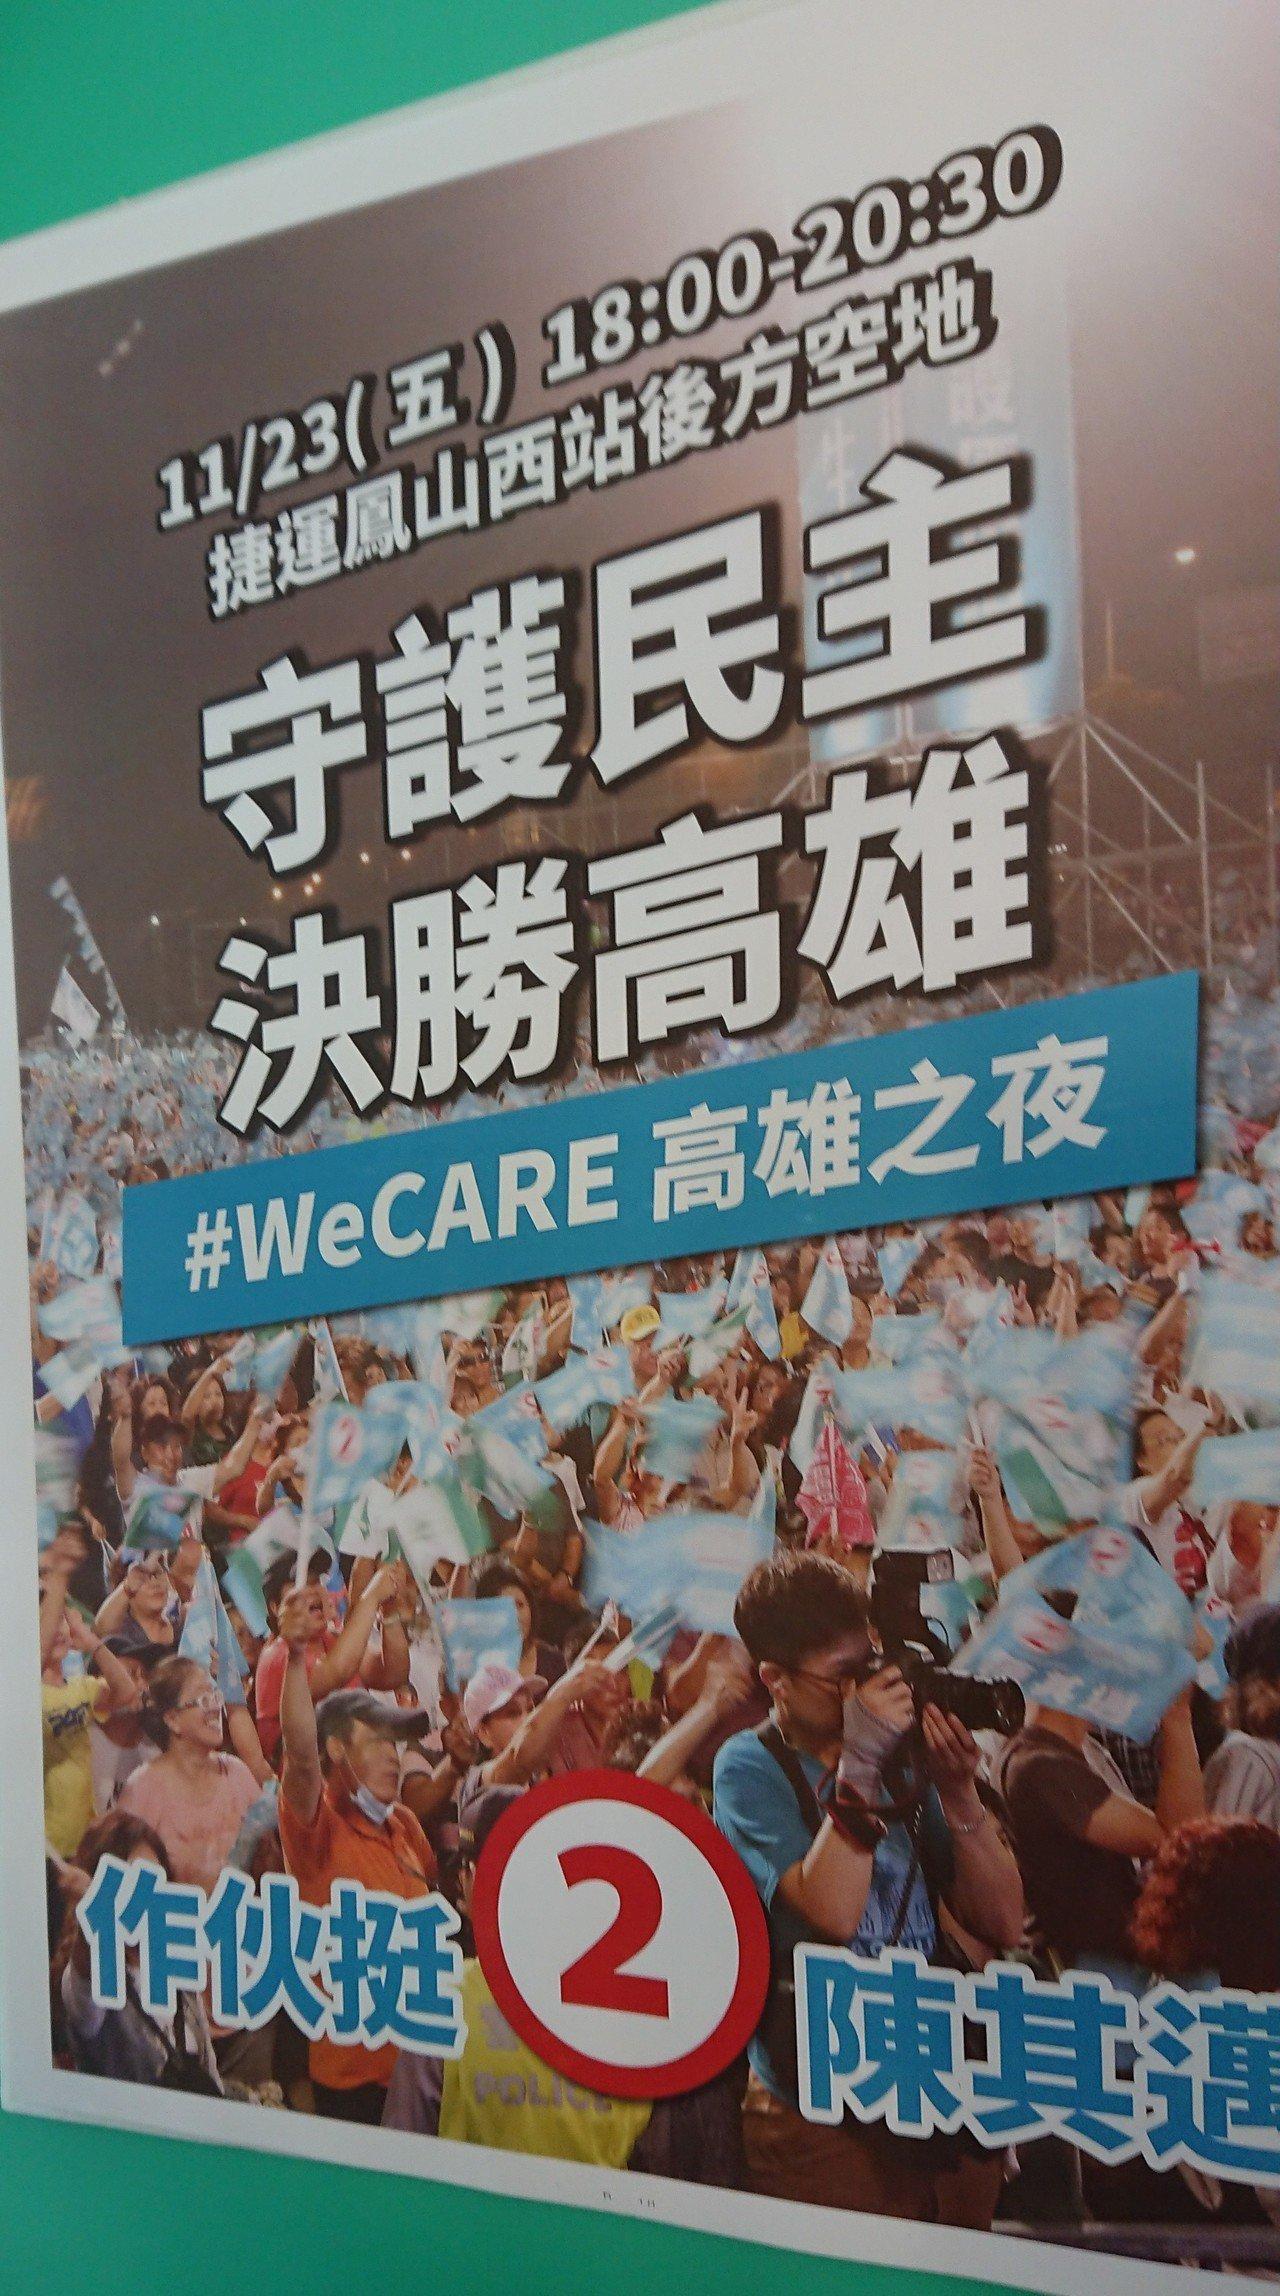 陳其邁選前造勢晚會定調為平和、歡樂的「民主嘉年華」,號召20萬市民力挺其邁,守護...